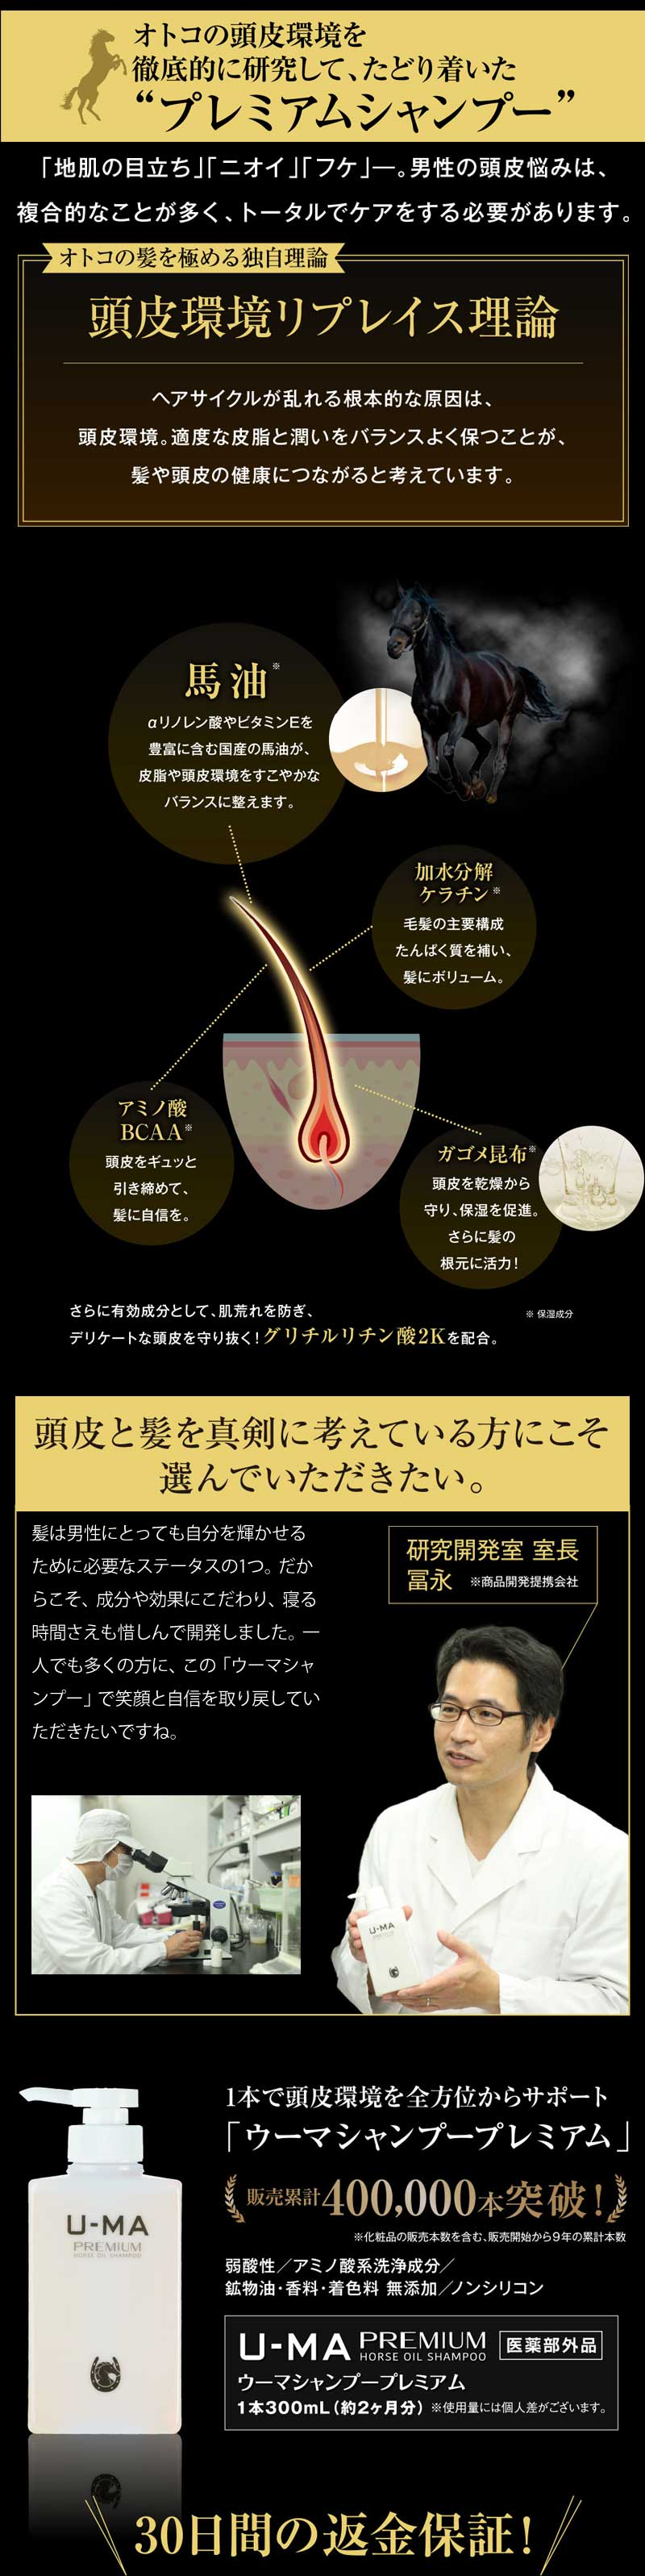 オトコの頭皮環境を徹底的に研究して、たどり着いたプレミアムシャンプー